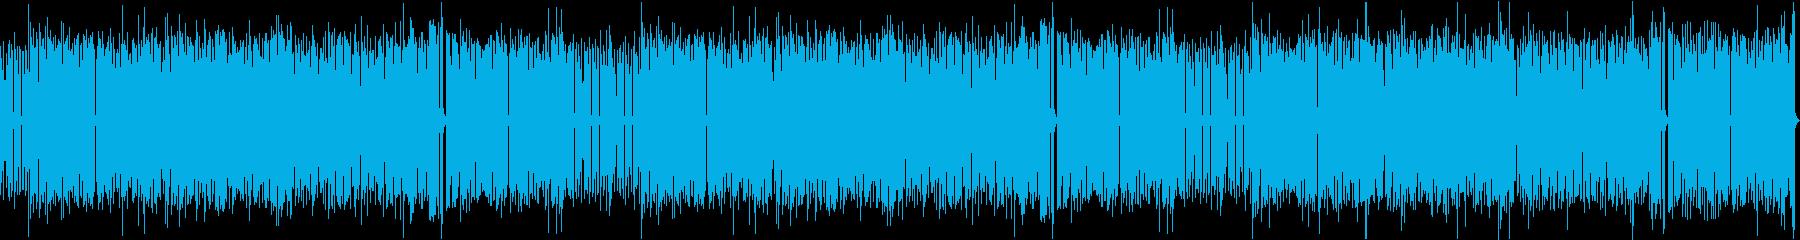 汎用性高!3拍子アコーディオンソロ、昭和の再生済みの波形